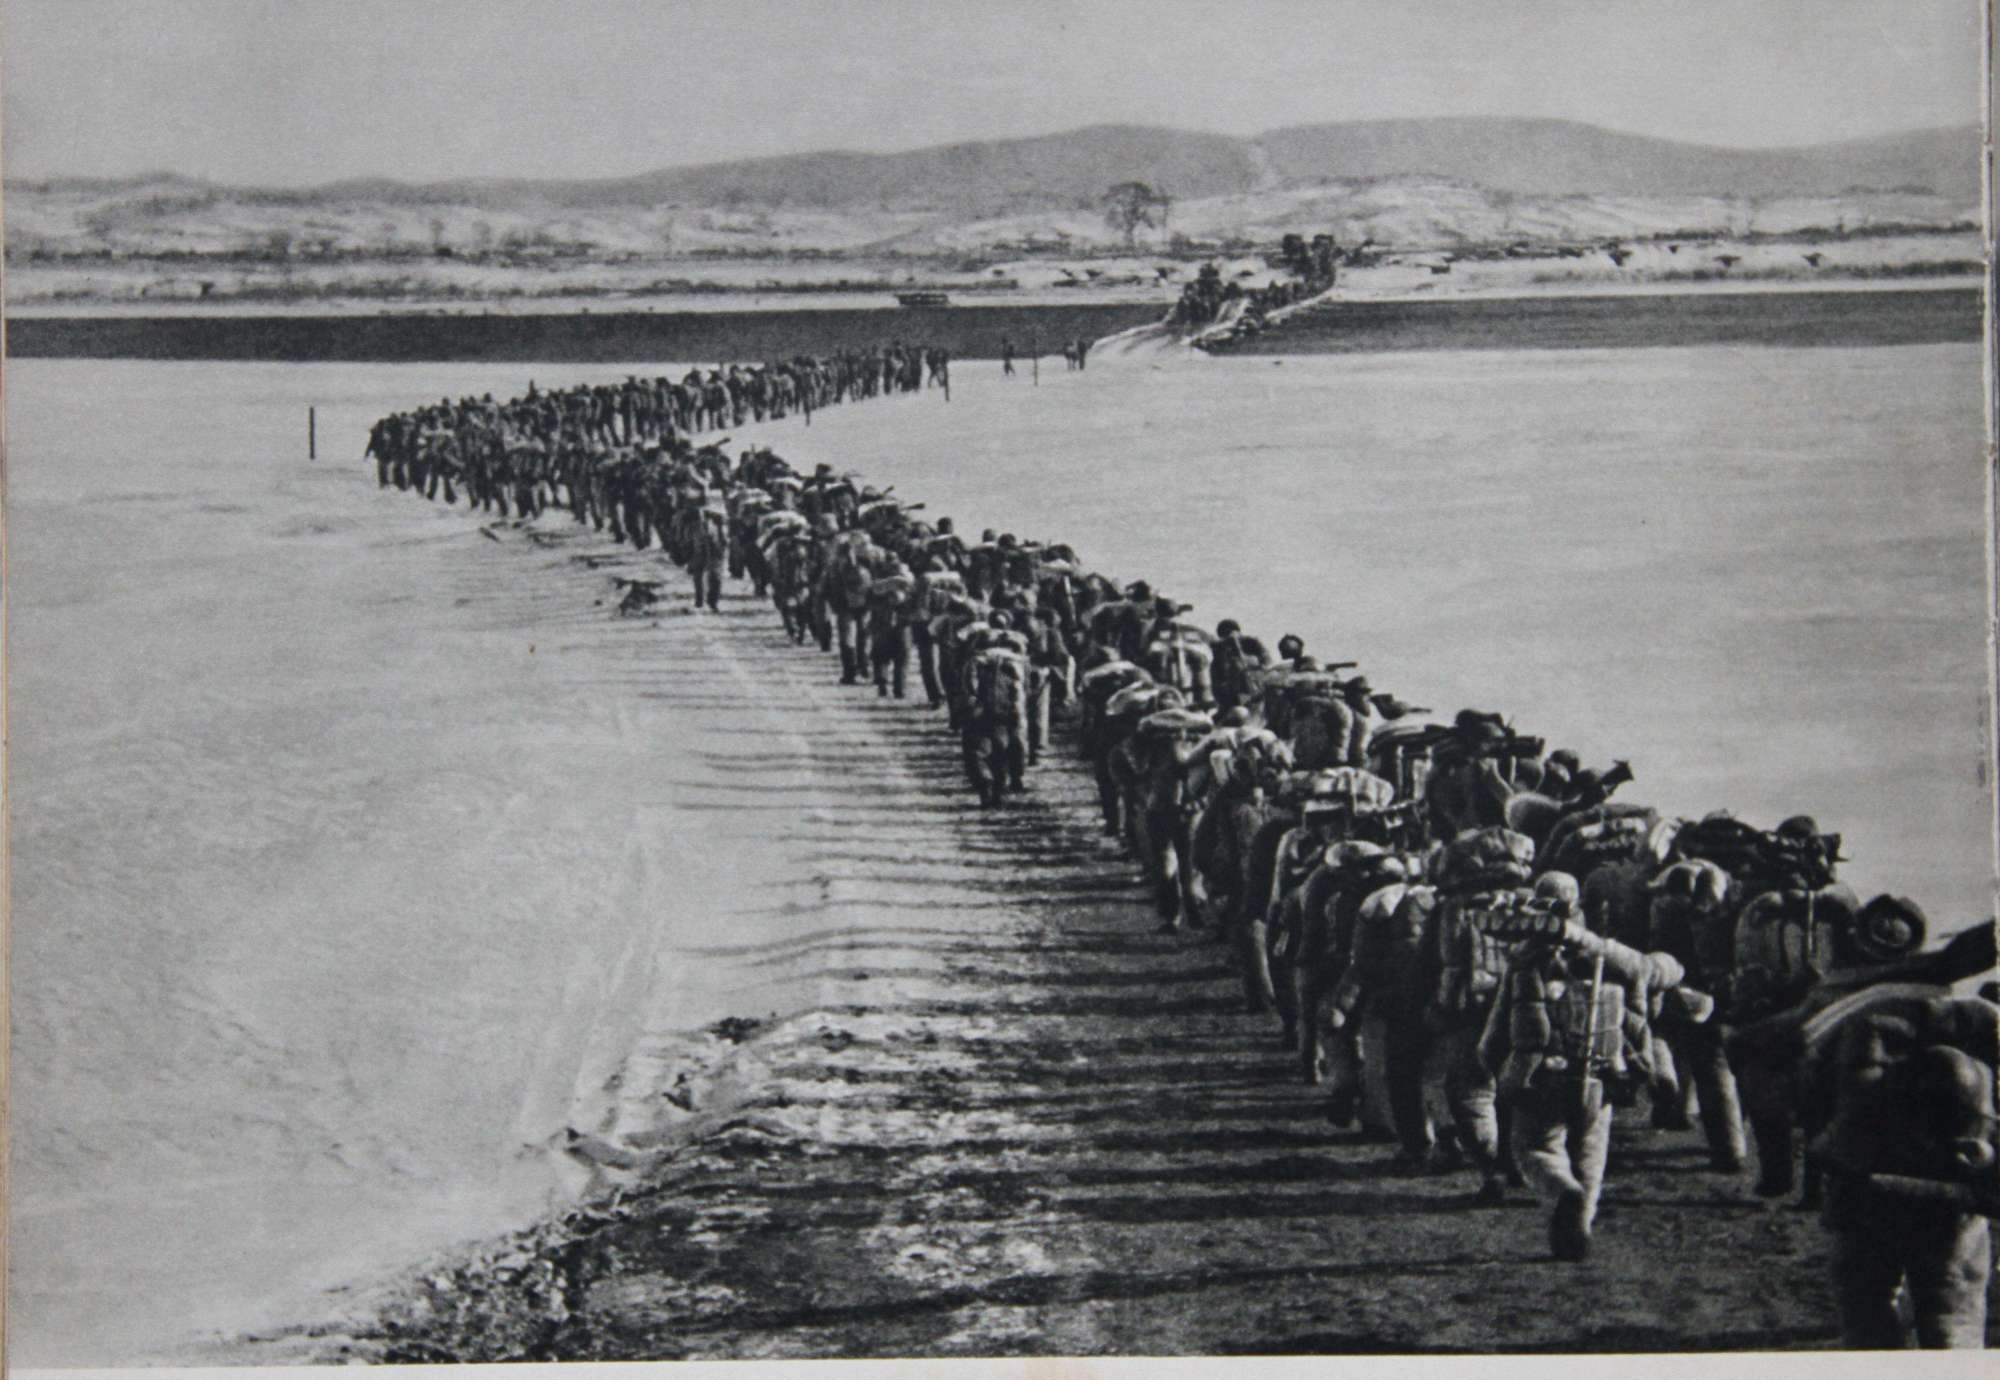 走进历史,追忆英雄,当年在抗美援朝中牺牲的四位将领都是谁